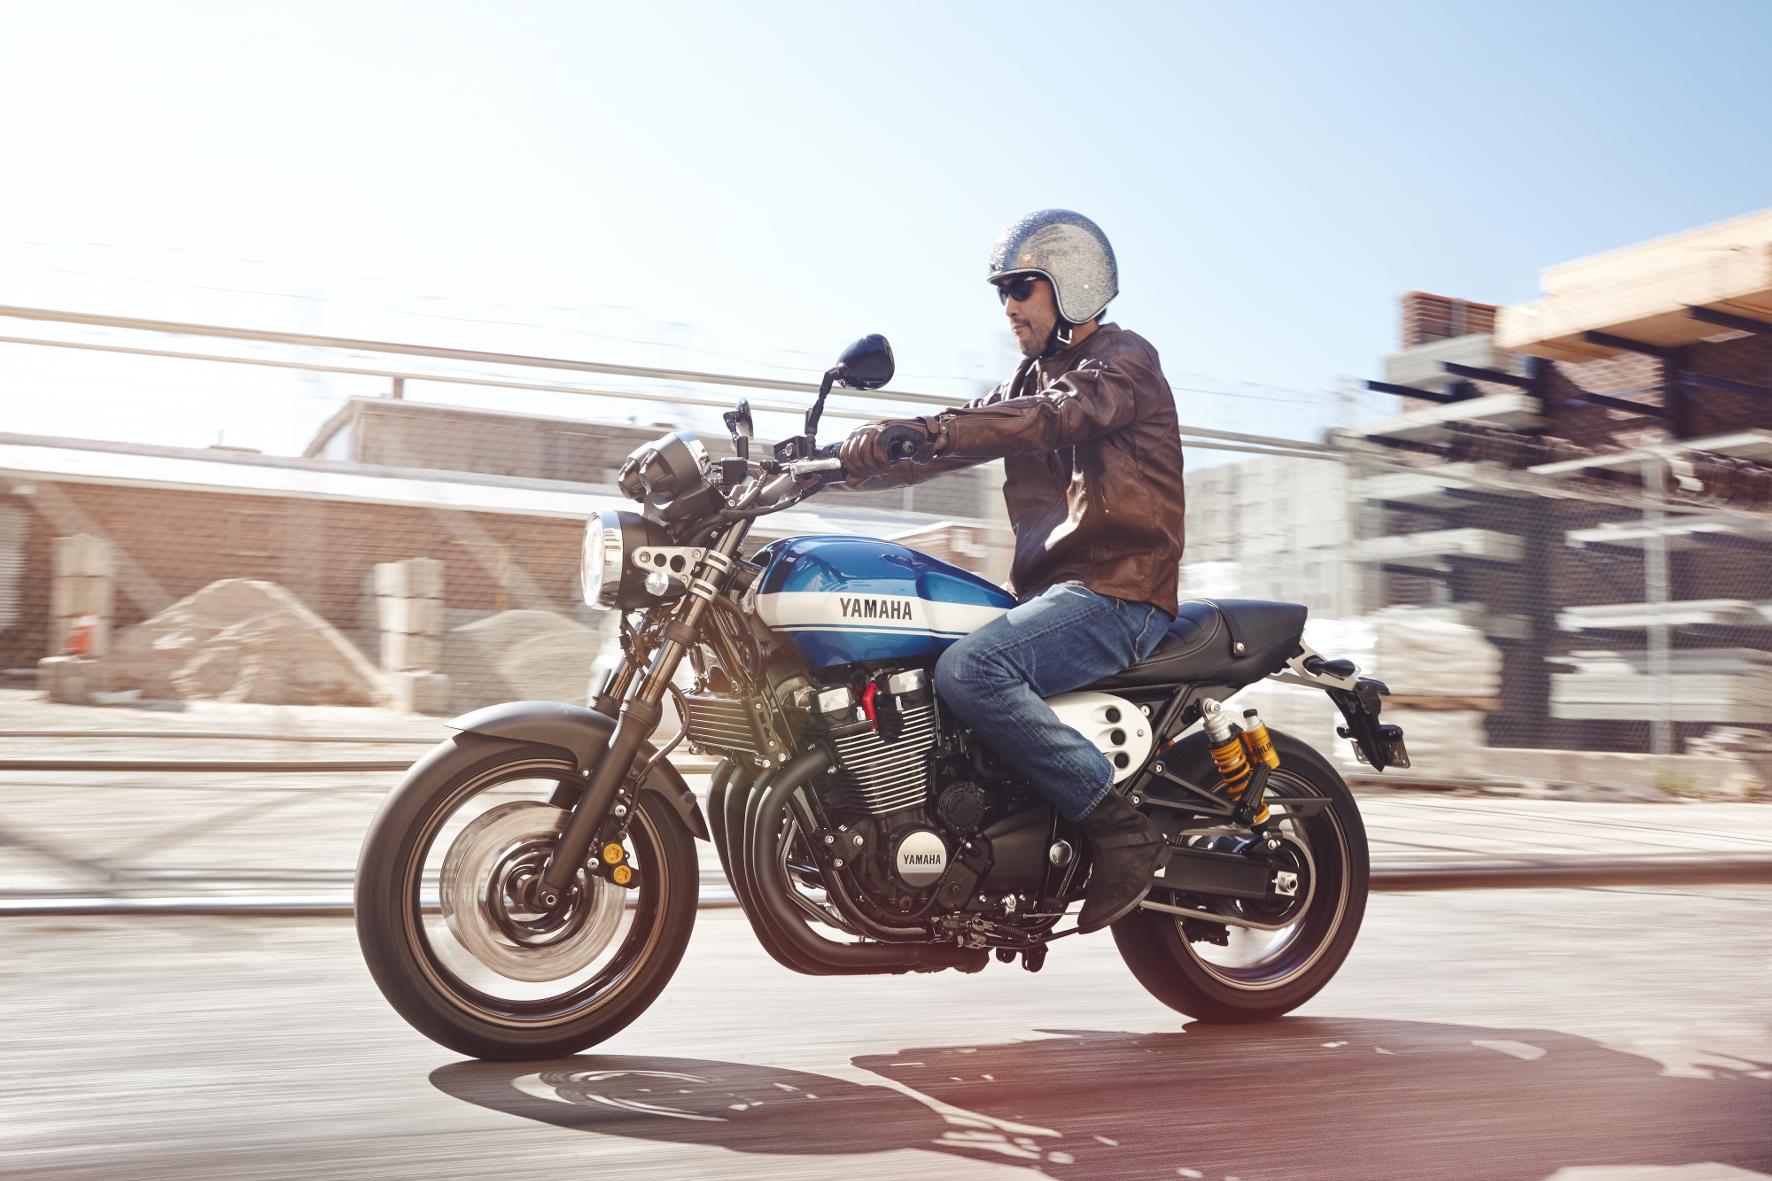 Hersteller rufen bestimmte Motorräder zur Kontrolle in die Werkstatt zurück